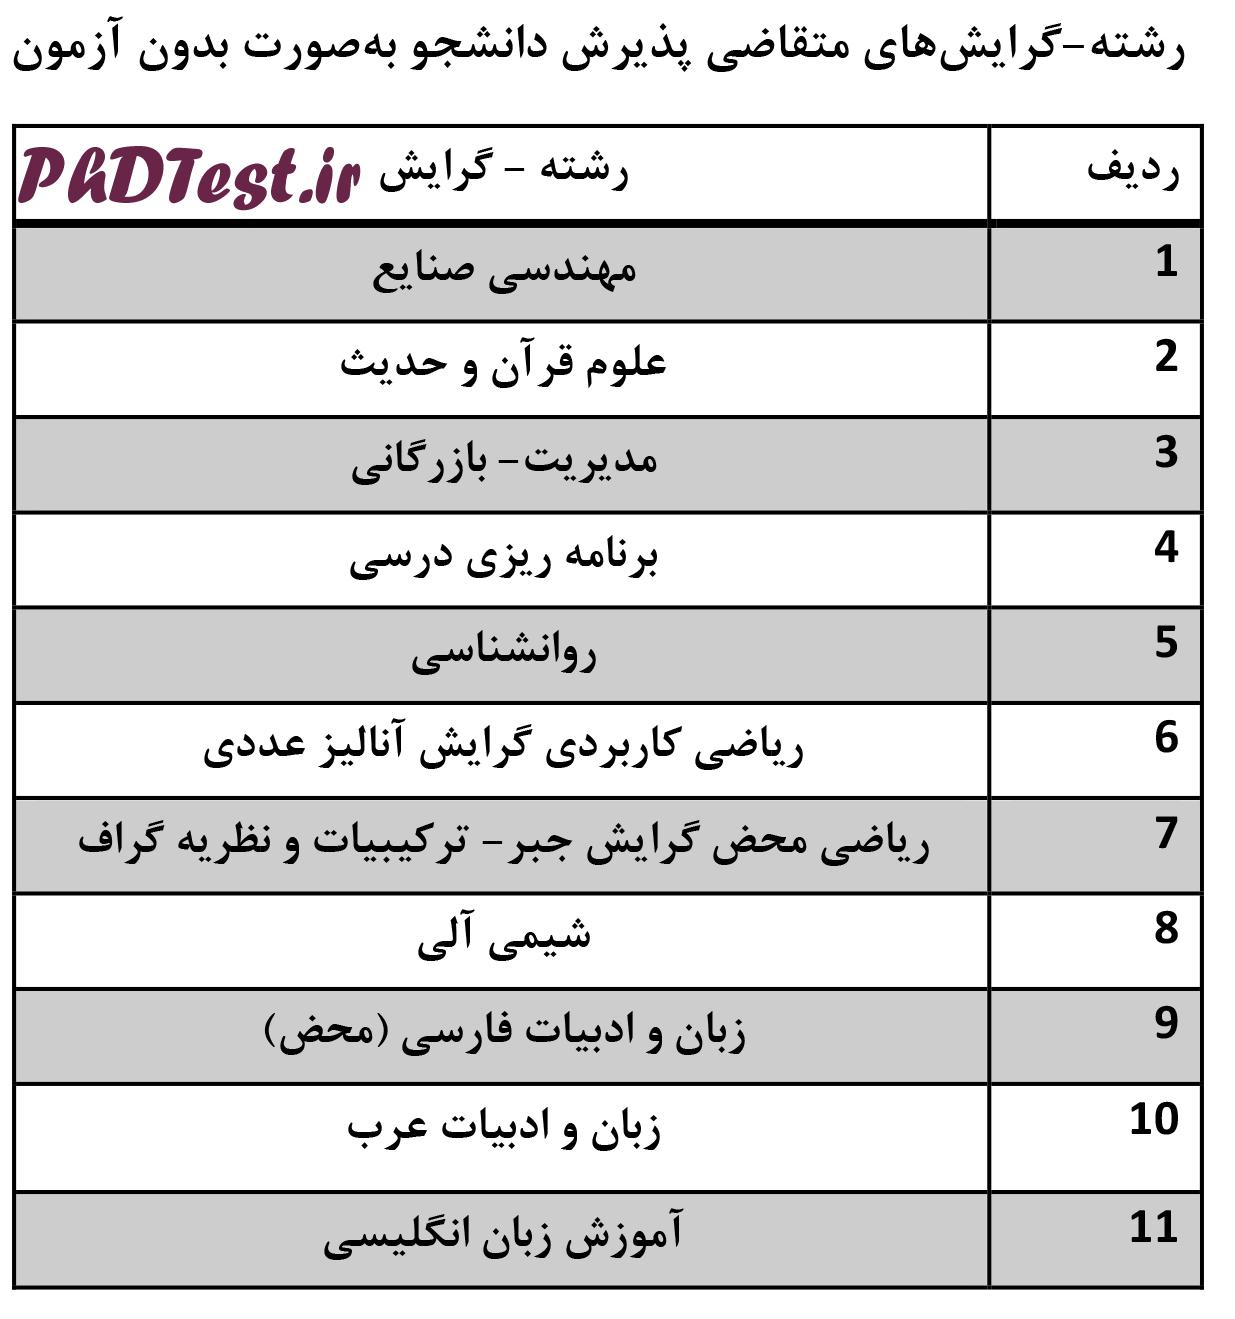 رشته های دکتری بدون آزمون 97 - 98 دانشگاه الزهرا